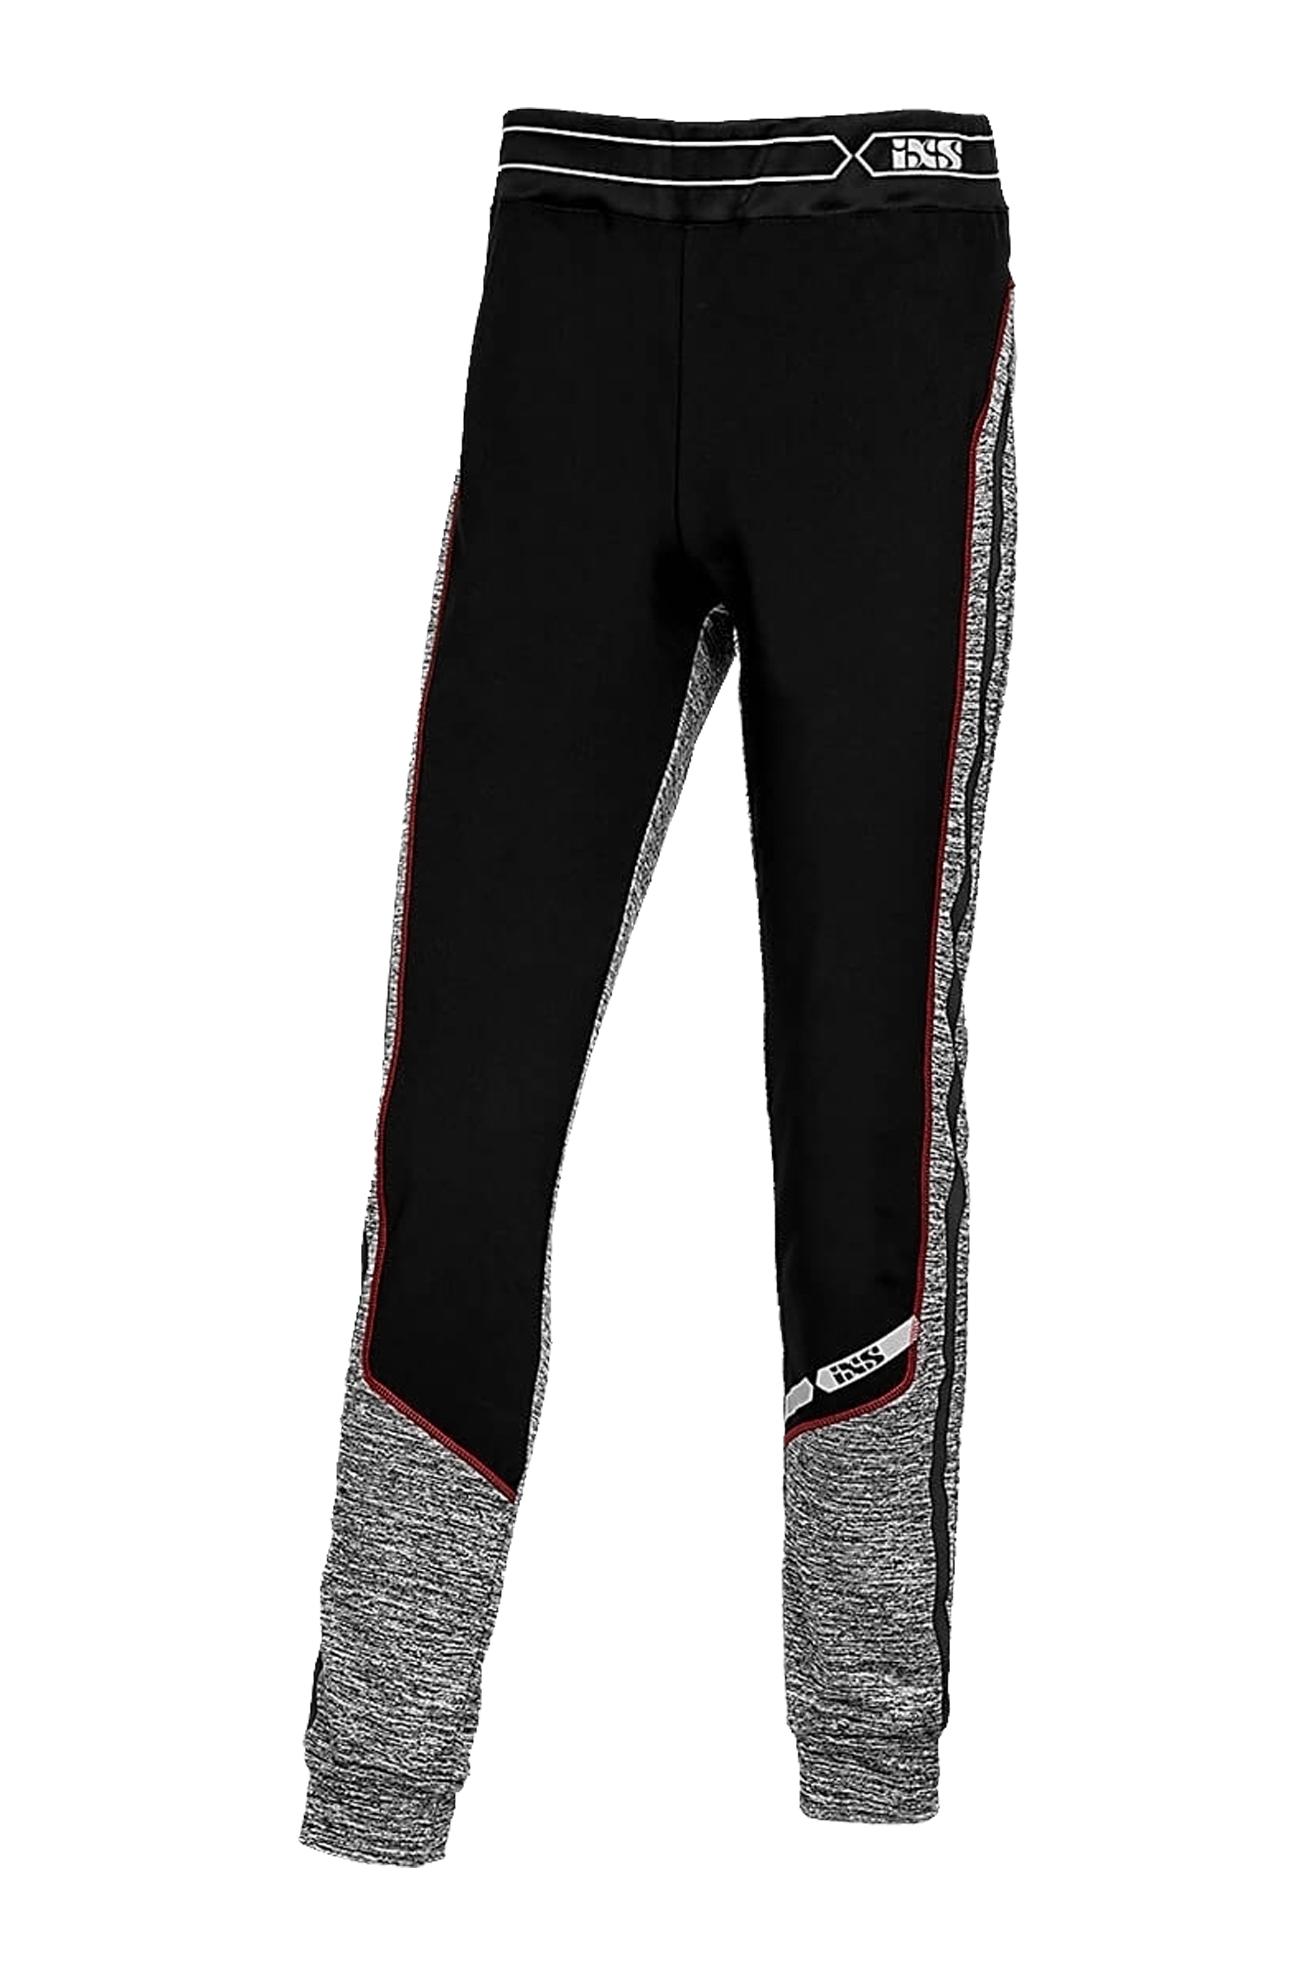 iXS Pantalon Intermédiaire IXS ICE Noir-Gris-Rouge 4XL